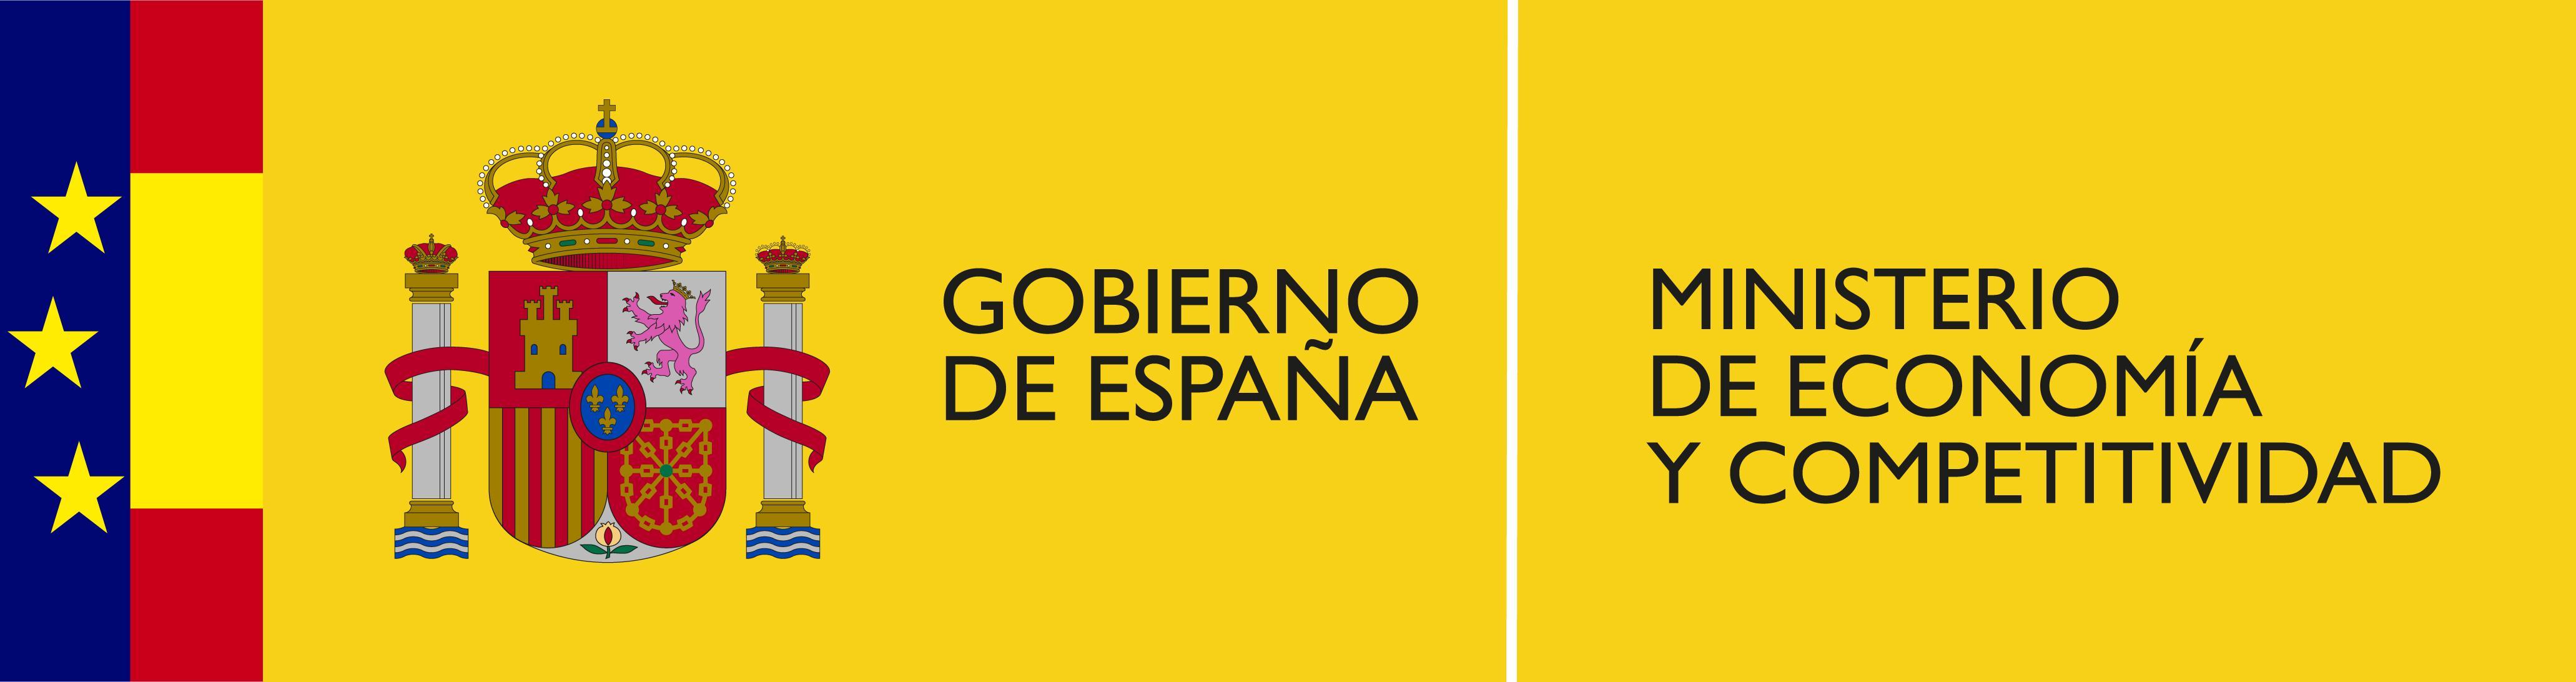 Logo Ministerio de Economía y Competitividad